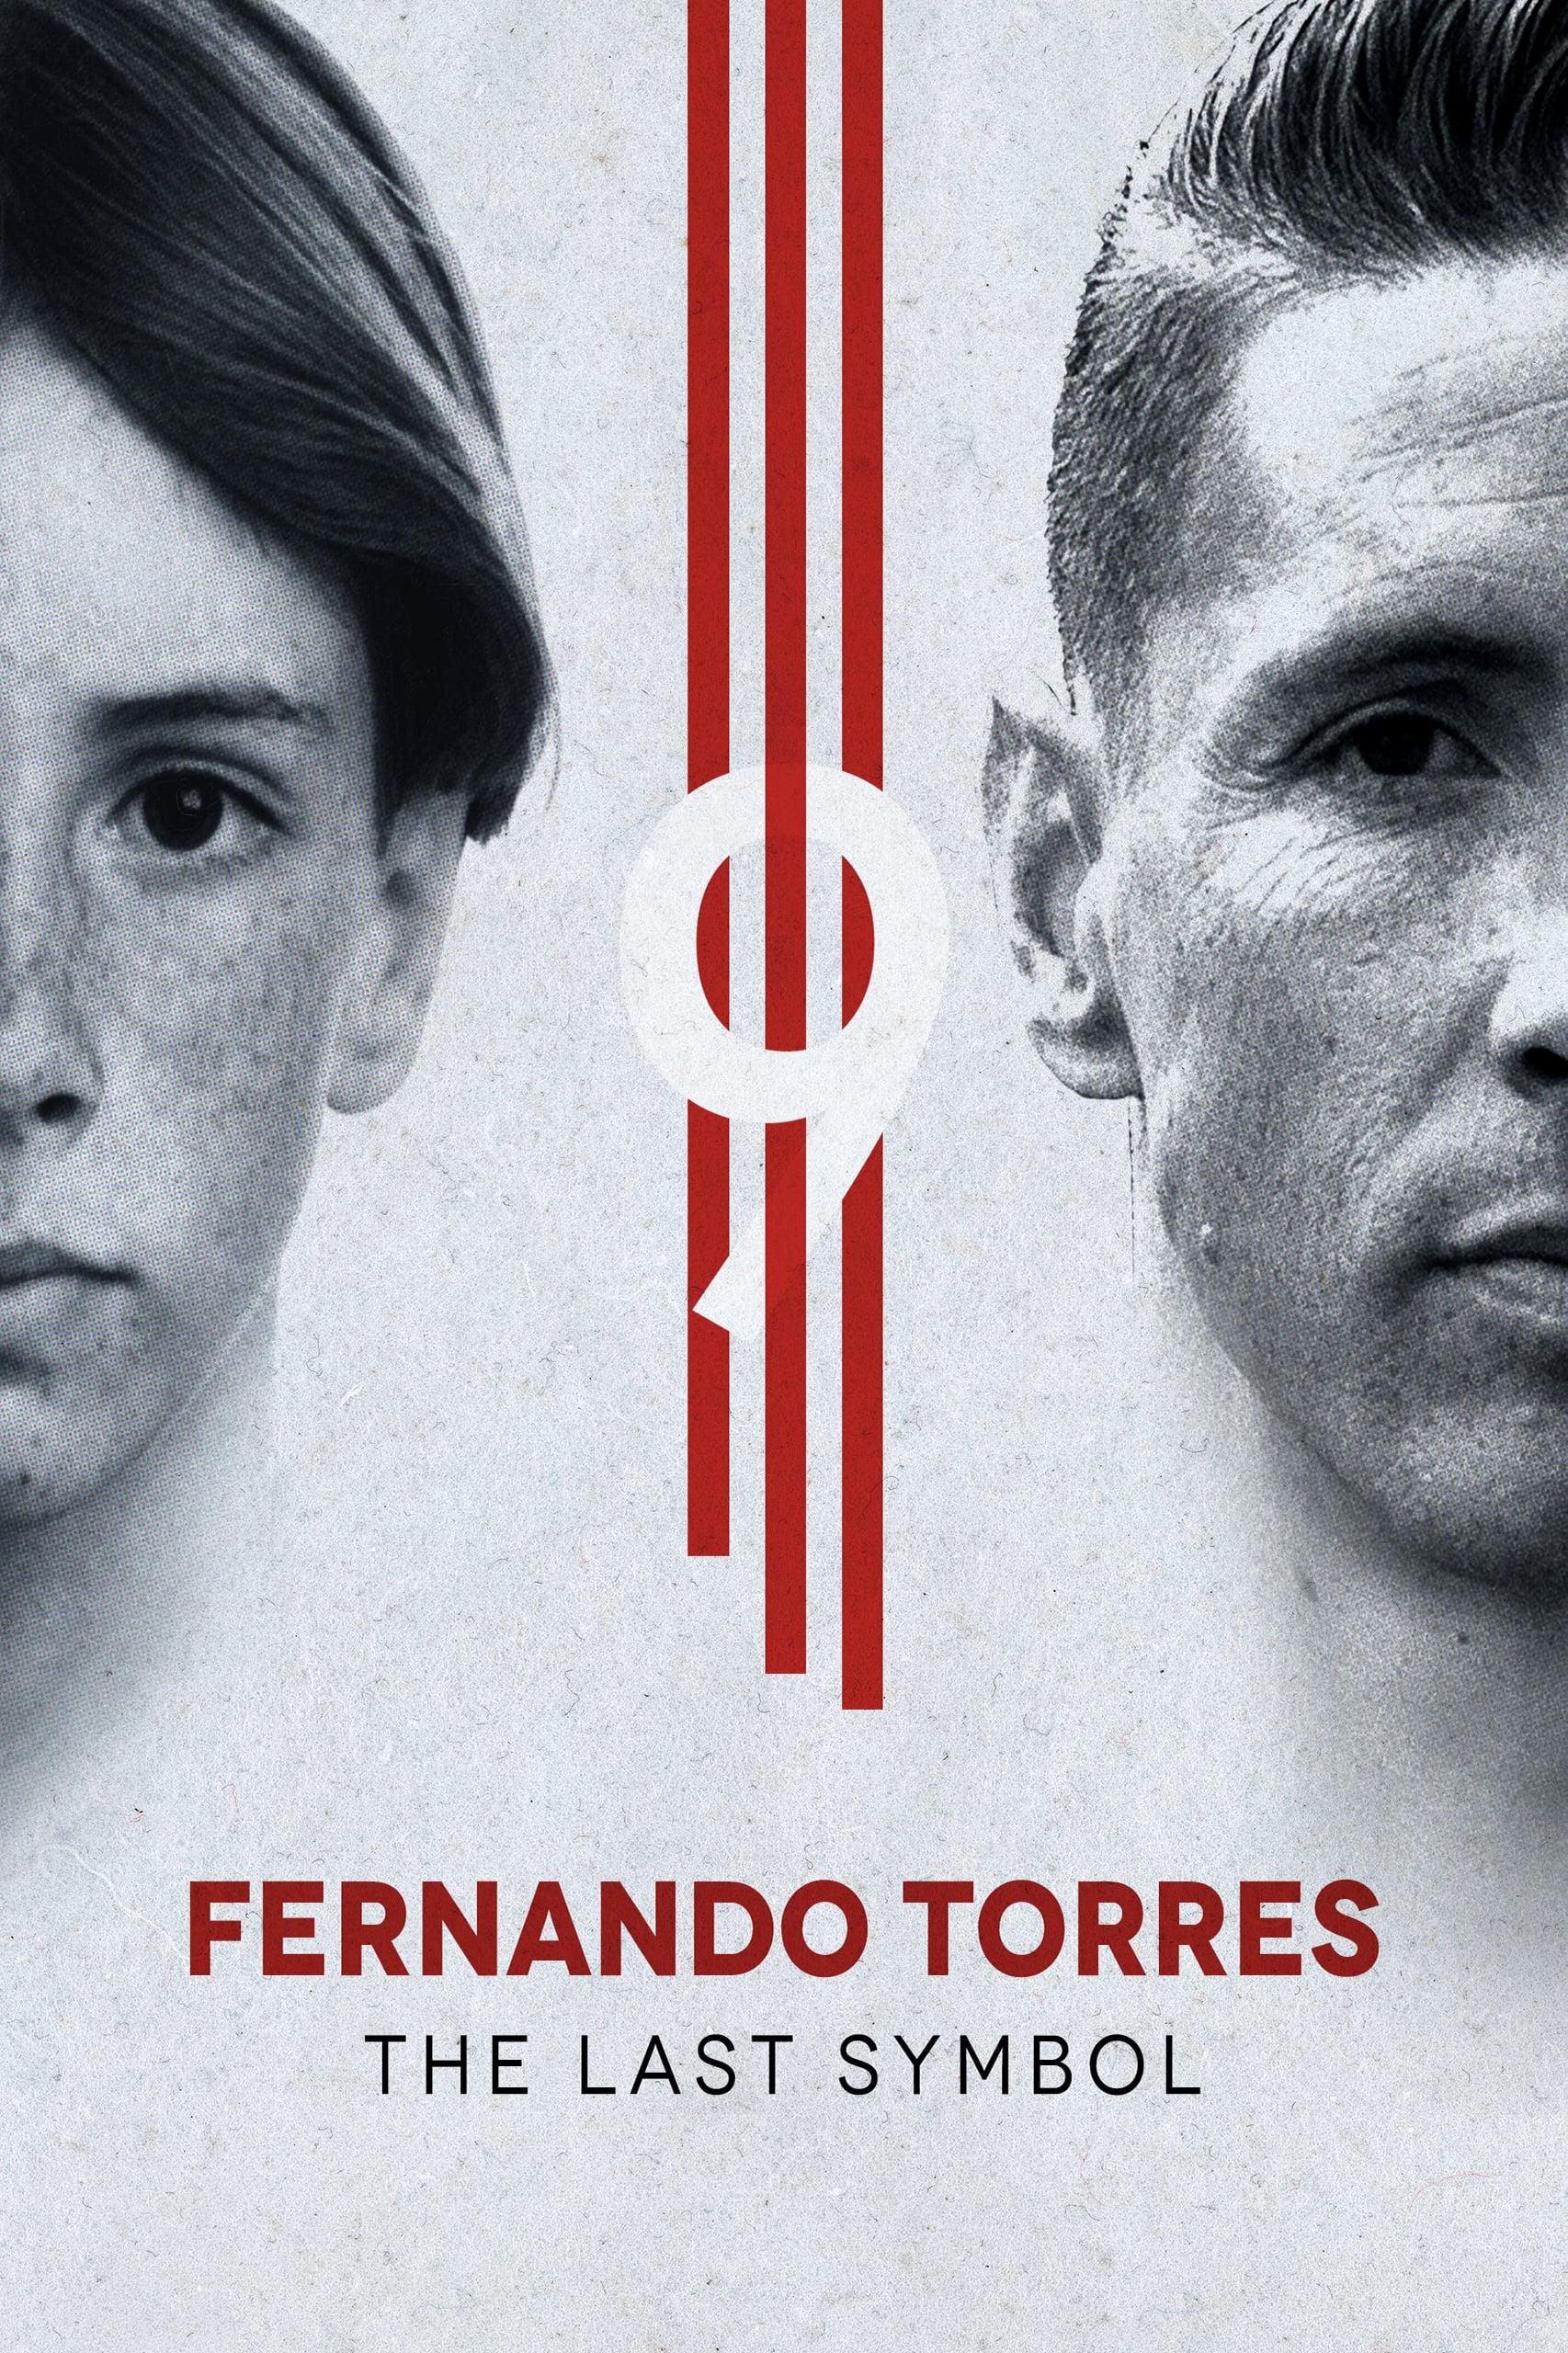 دانلود فیلم Fernando Torres: The Last Symbol 2020